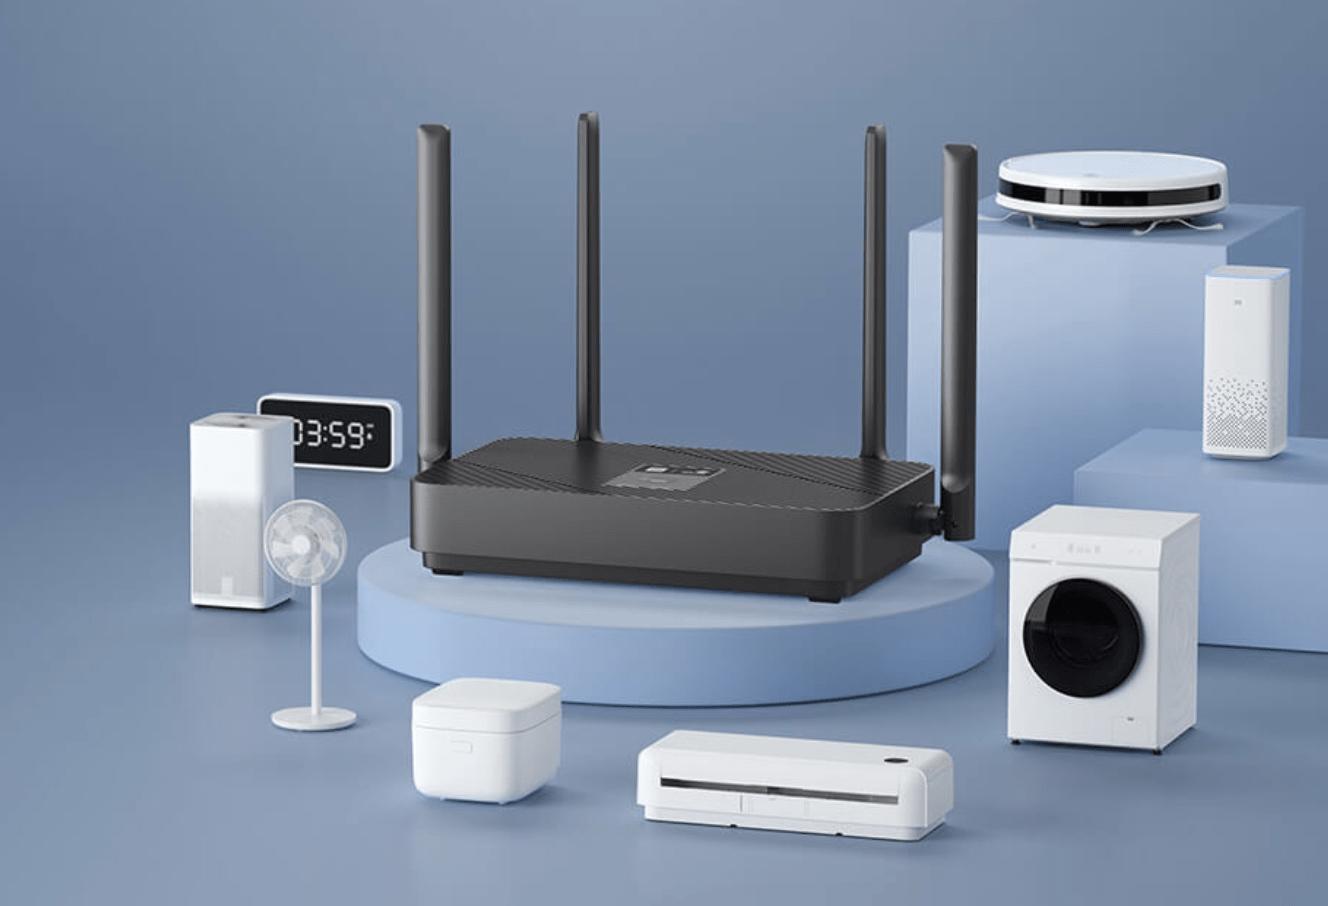 شیائومی روتر Mi Router CR6606 را معرفی کرد (5G ,Wifi 6)